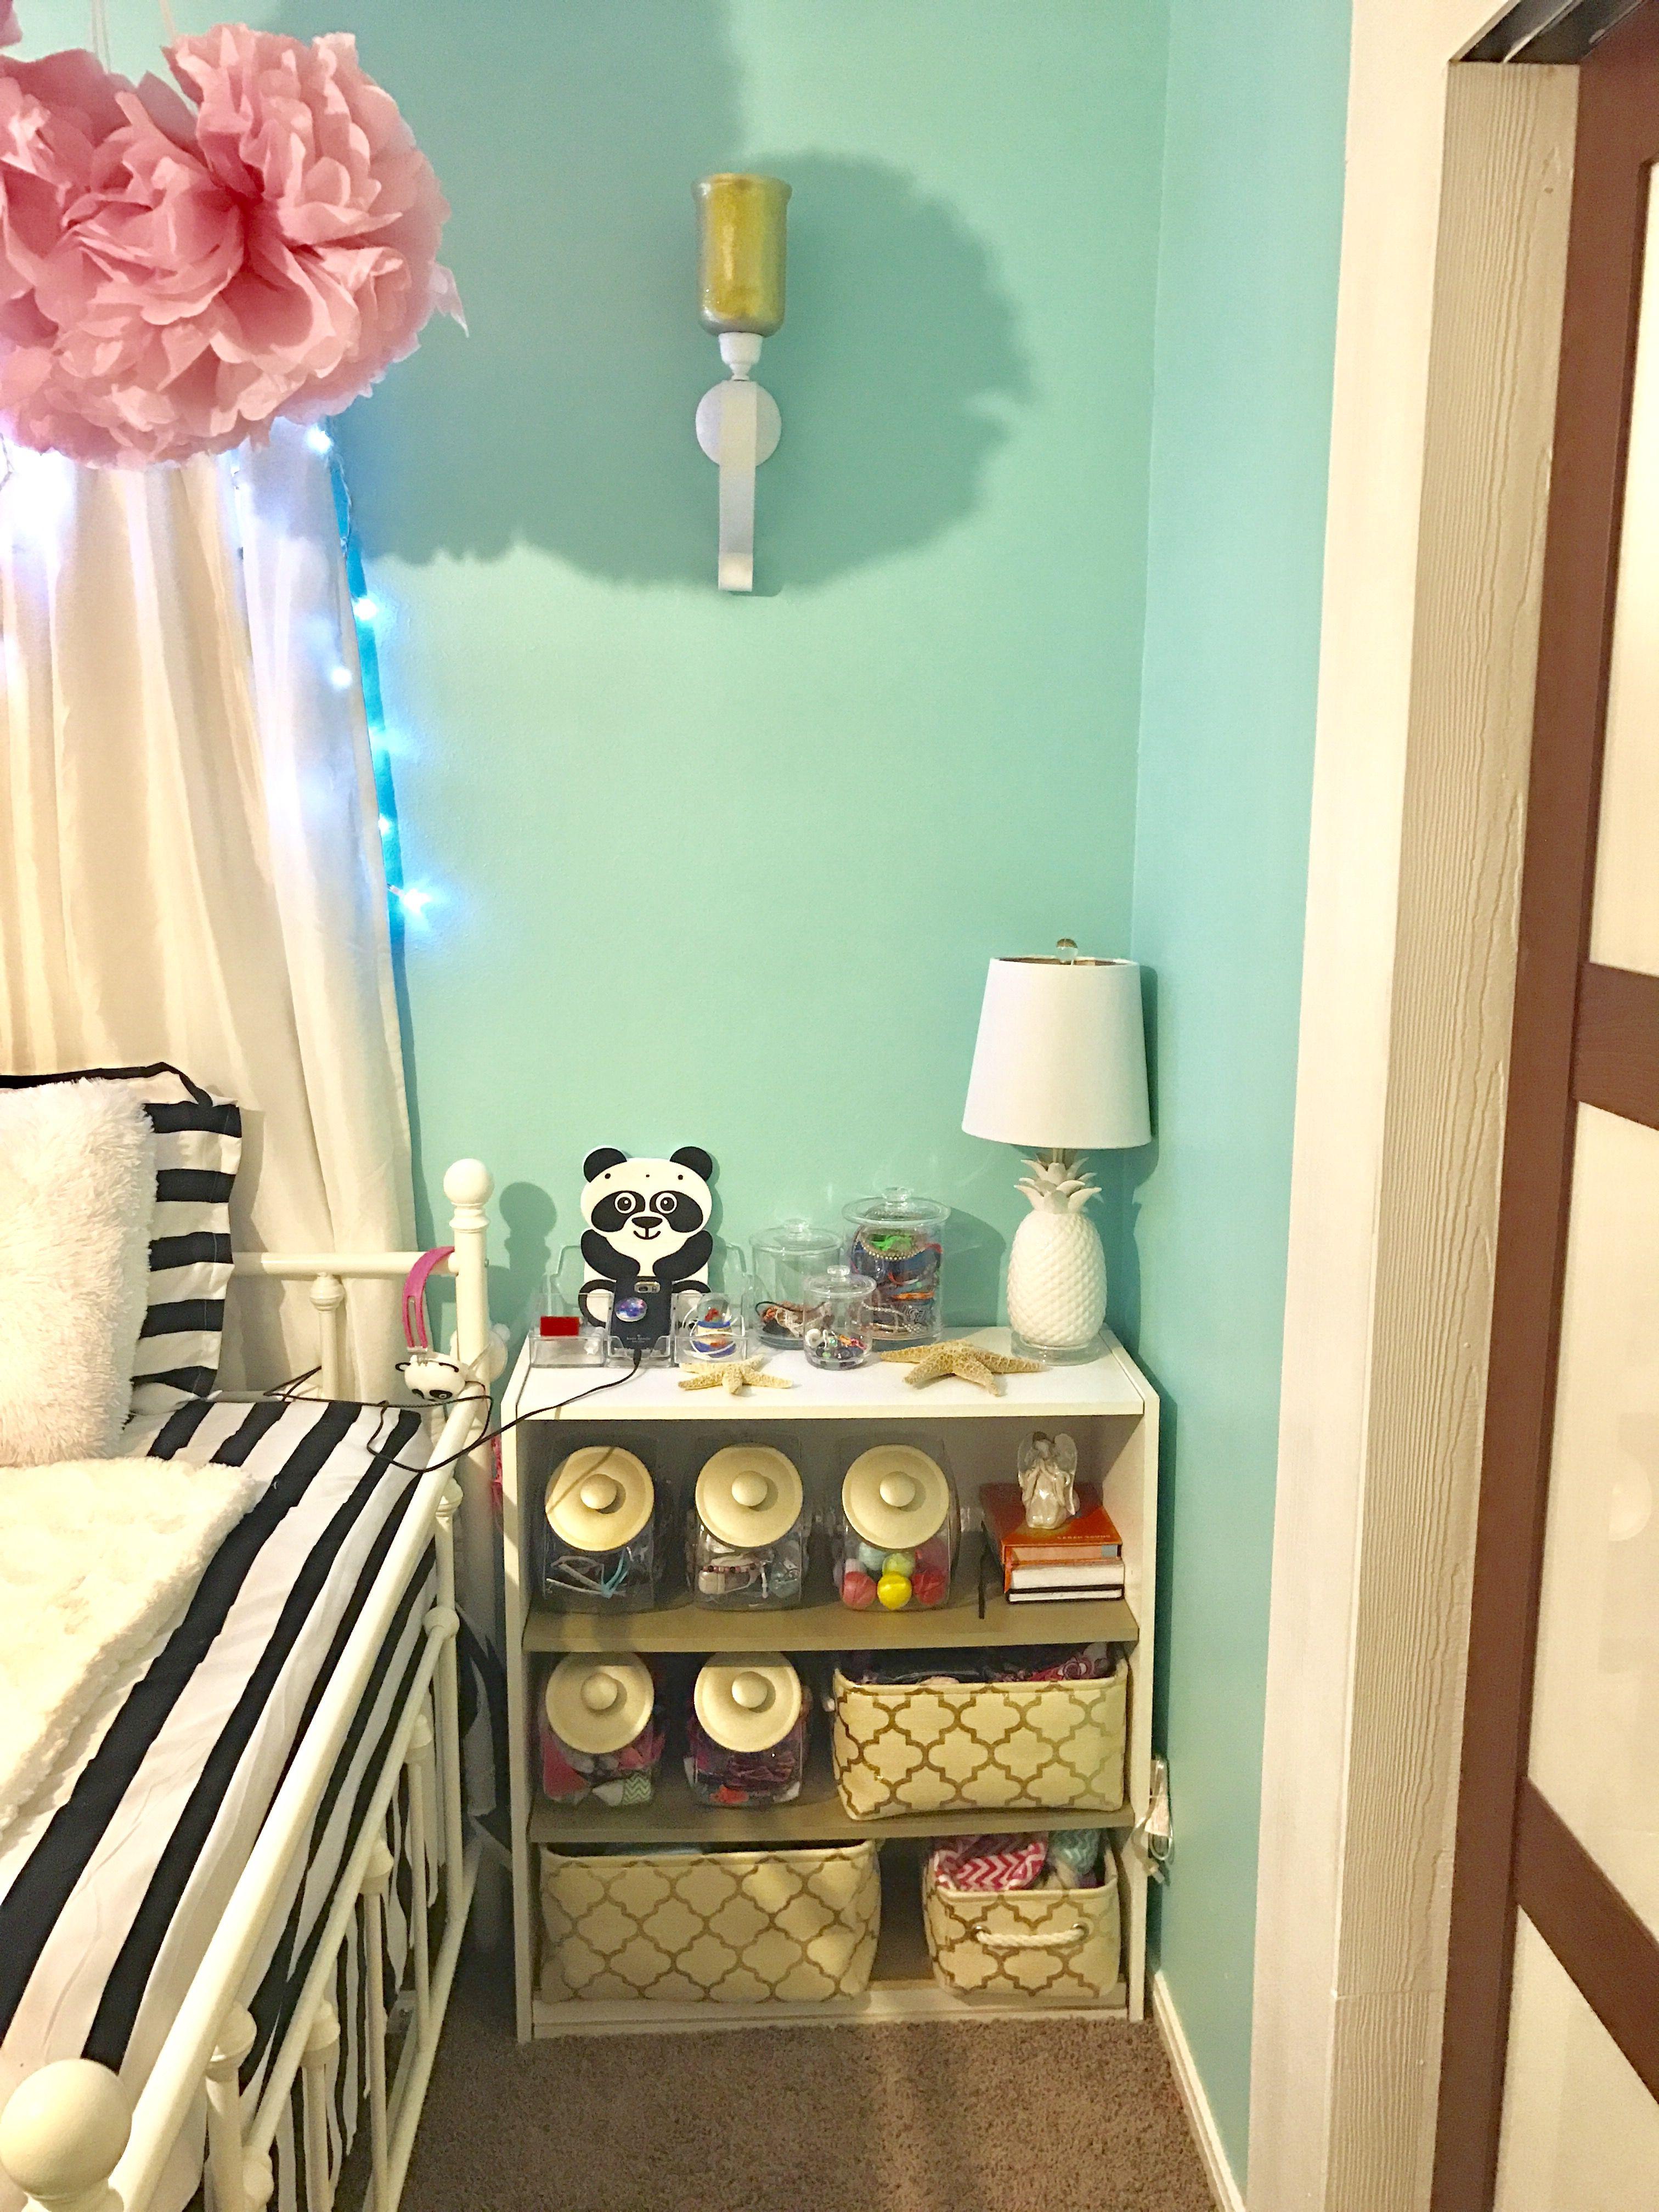 bedroom marvelous appealing designs on pinterest room teen set tween decorating teenage bedrooms best for decor decoration ideas